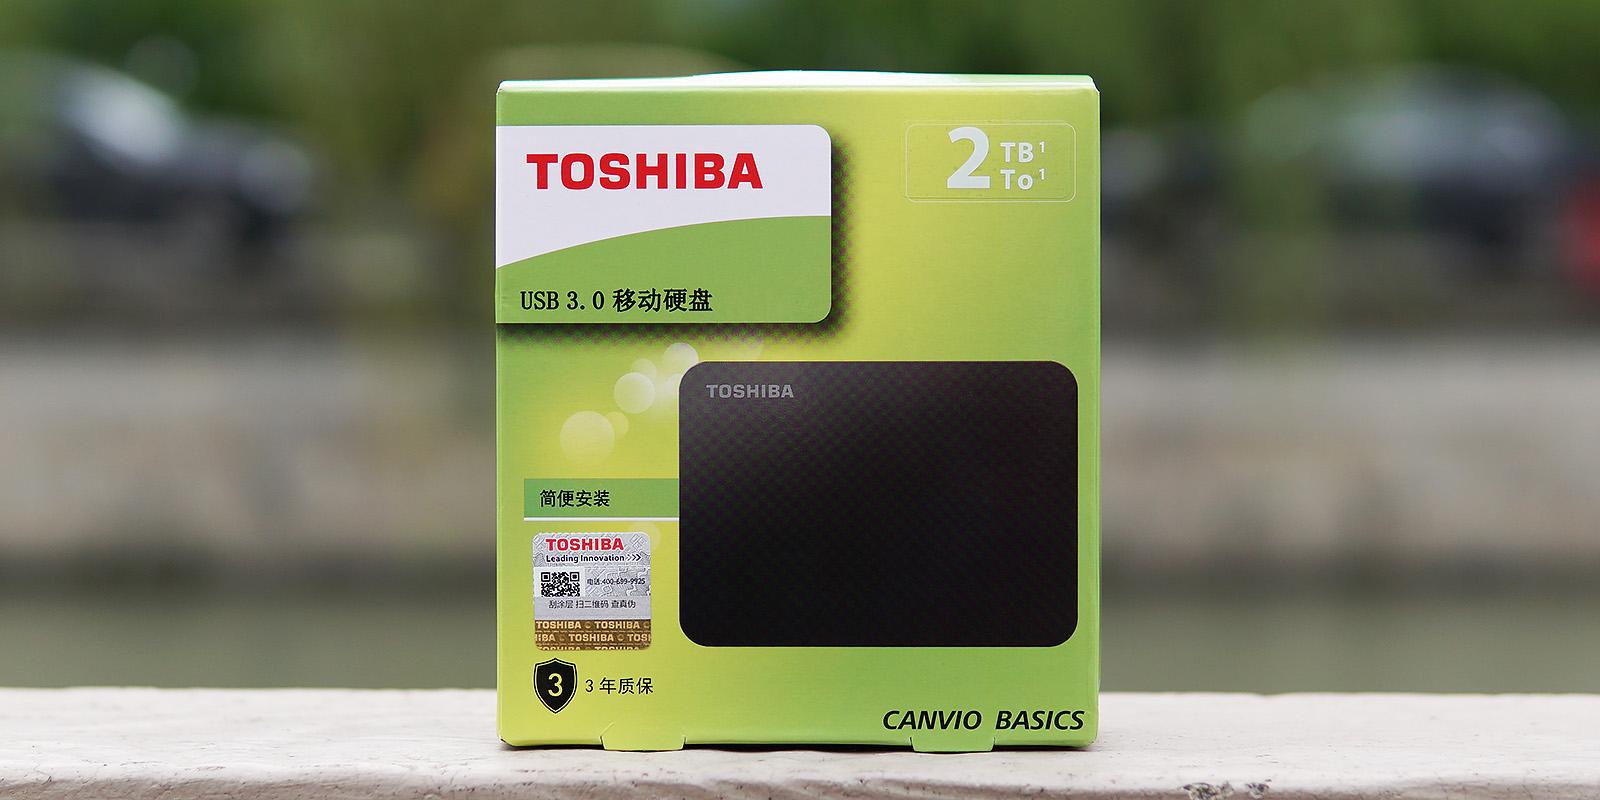 数据存储利器 东芝2TB A3移动硬盘体验